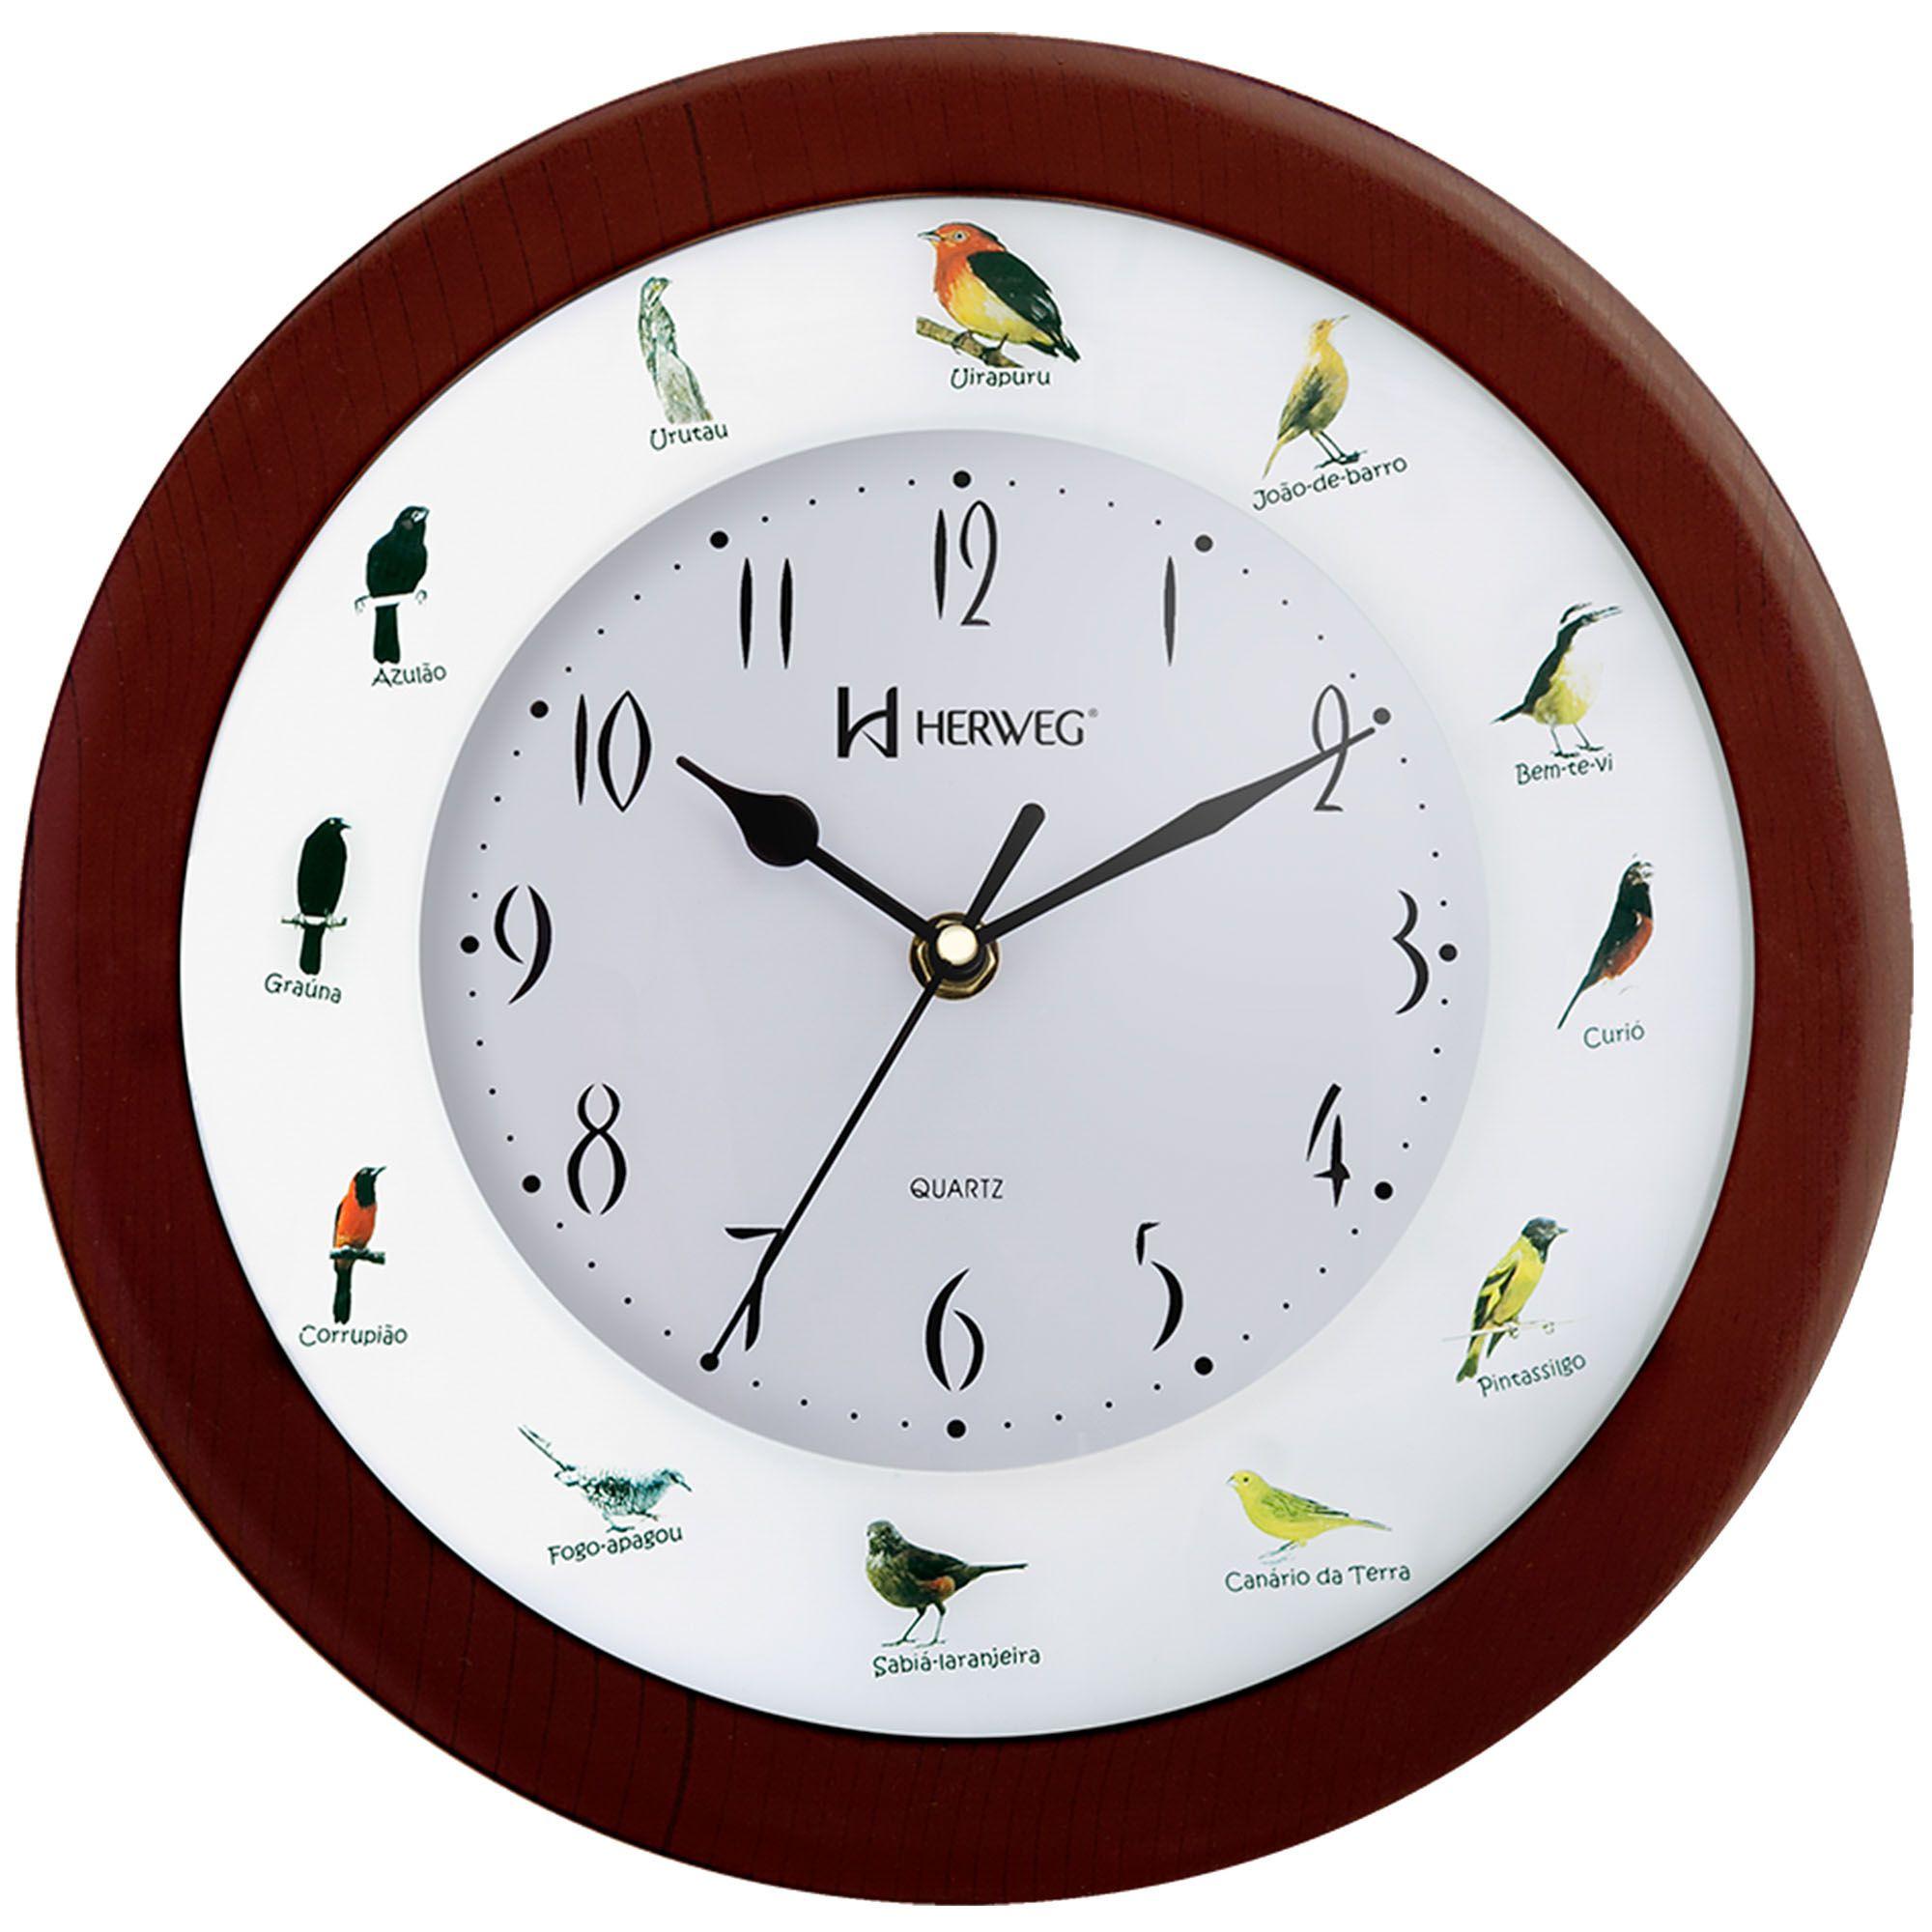 Relógio de Parede Analógico Herweg 6370 084 Marrom Ipê